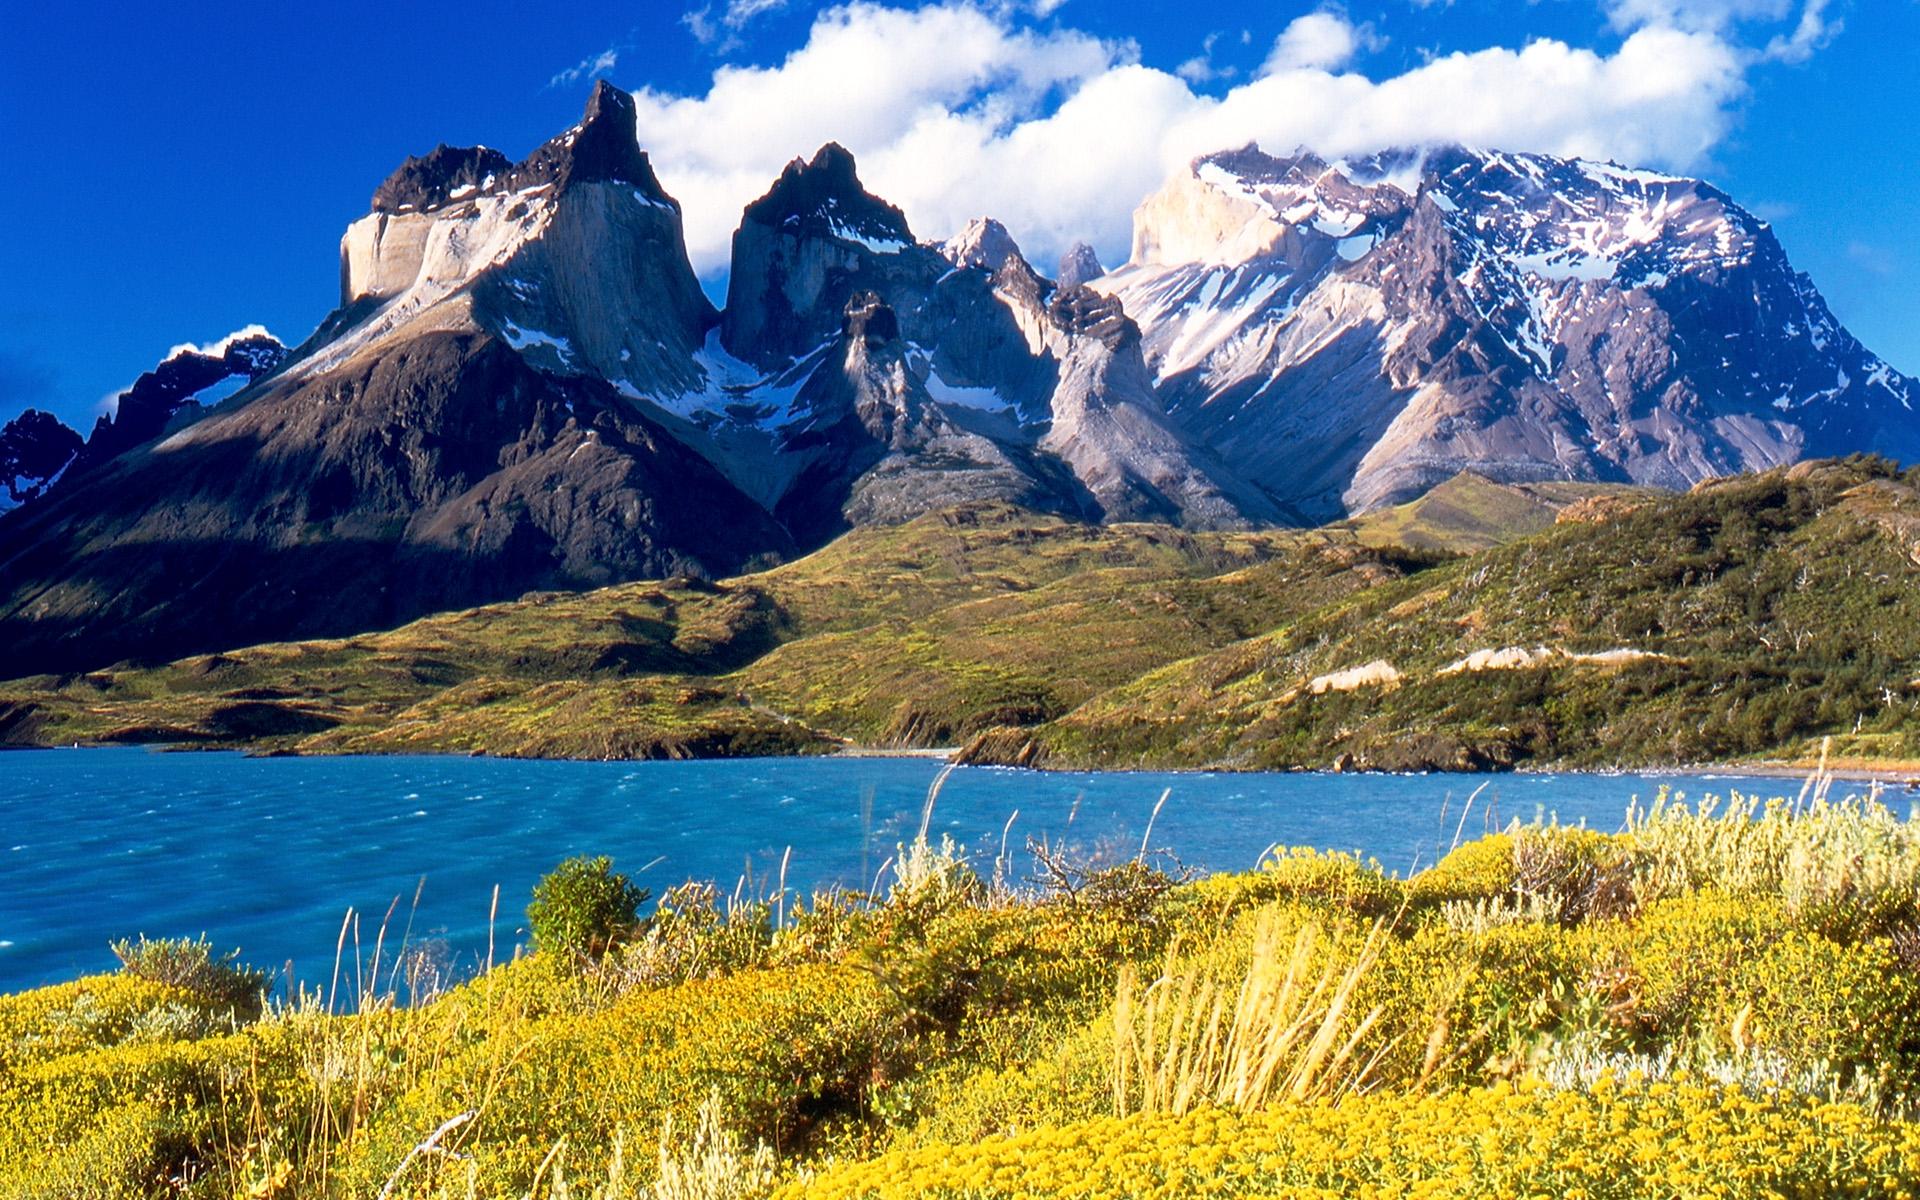 cosas que hacer en chile, chile, cosas que ver, cosas que hacer, santiago de chile, san pedro de atacama, isla de pascua, glaciares, turismo, tourism